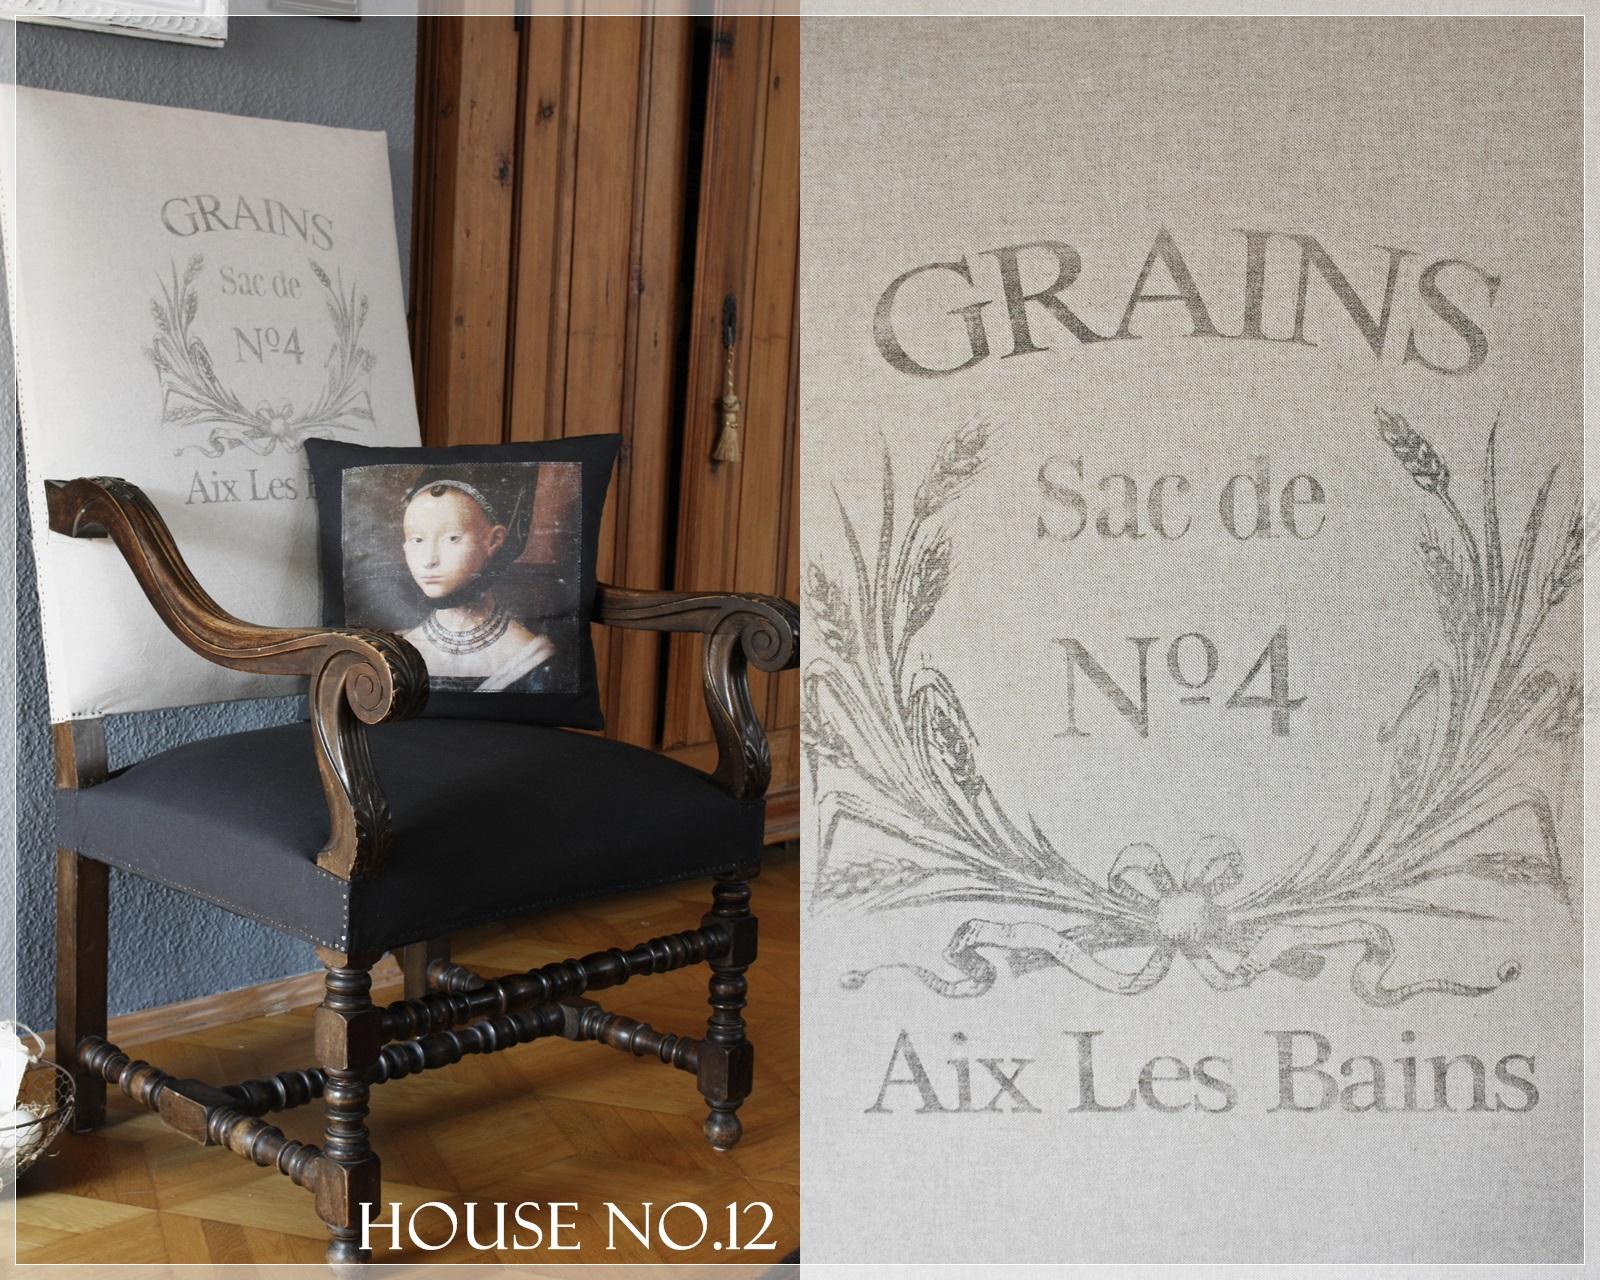 Hier Der Sessel Mal Ganz Nah   Schon Toll, Wie Möbel Früher So Gearbeitet  Wurden... Wieviel Arme Wohl Zum Ausruhen Schon Auf Diesen Lehnen Lagen?